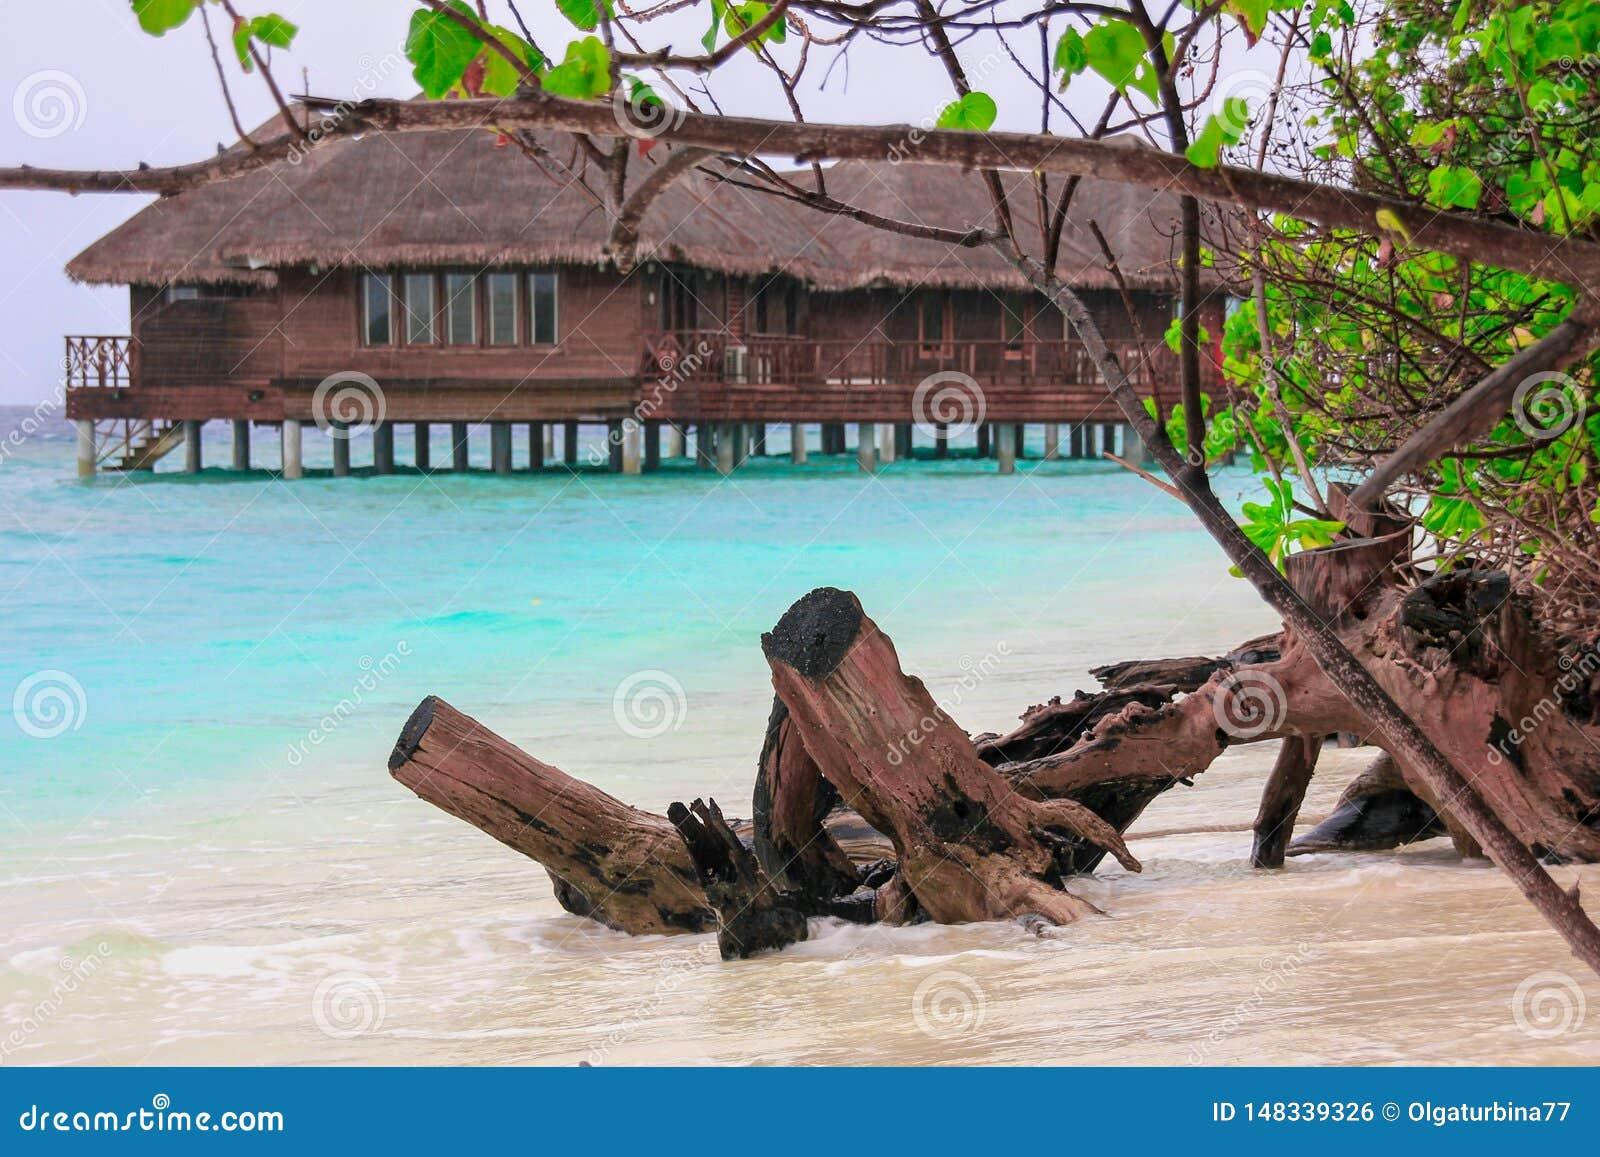 Het huis van de waterbungalow in blauwe lagune op tropisch eiland